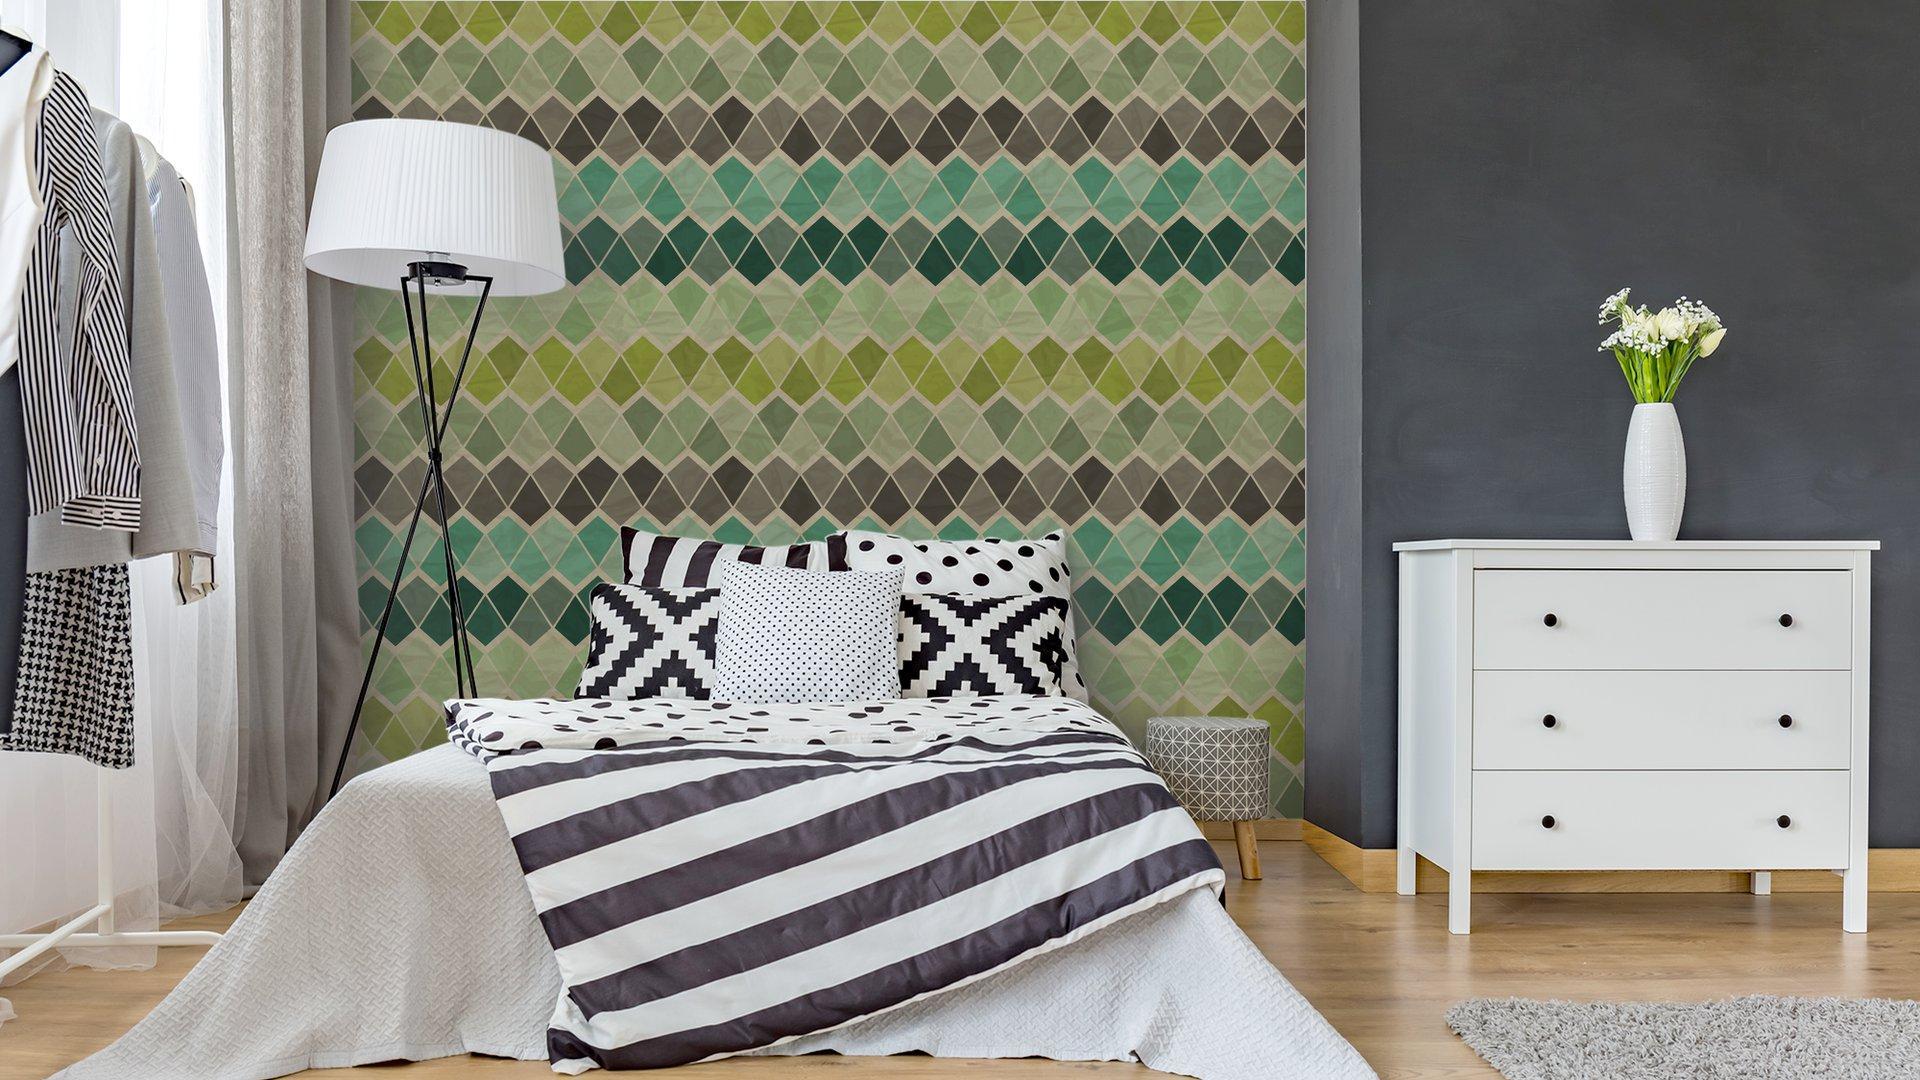 Fotomurales mexico papeles pintados lavables sin patron geometrico retro 4 - Papel Tapiz Patrón Geométrico Triángulo 05